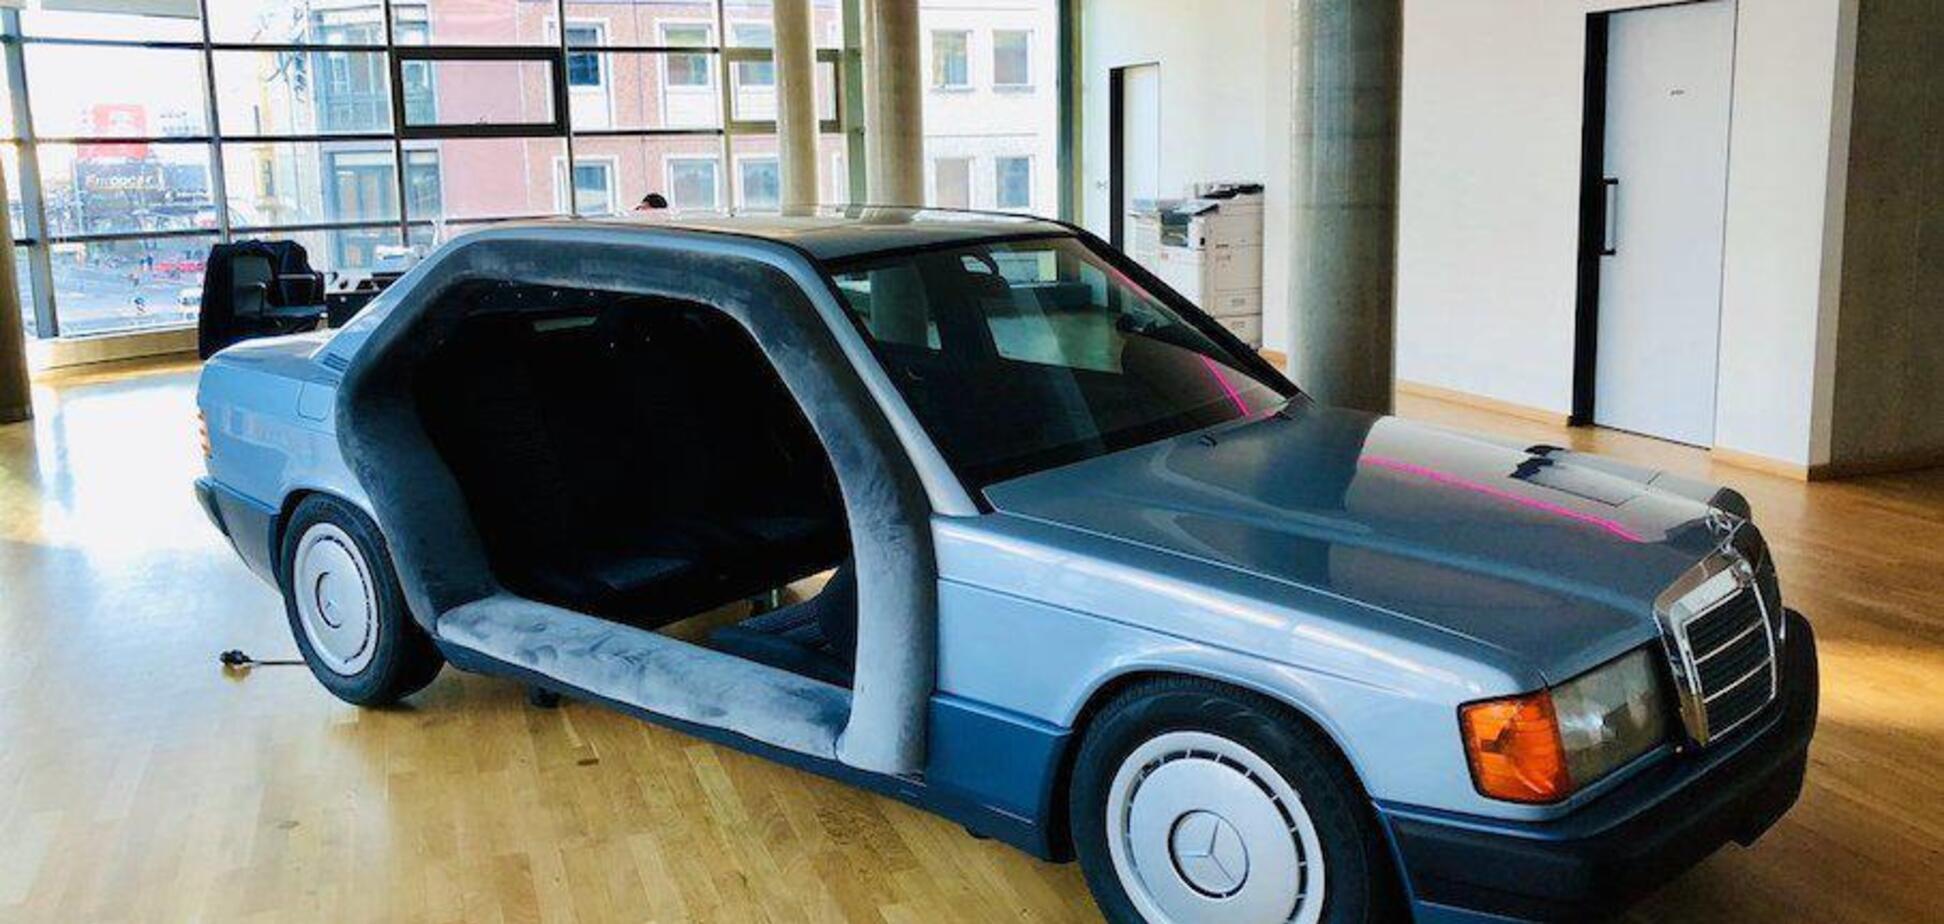 Божевільна переробка Mercedes 190 зробила його повністю нерухомим